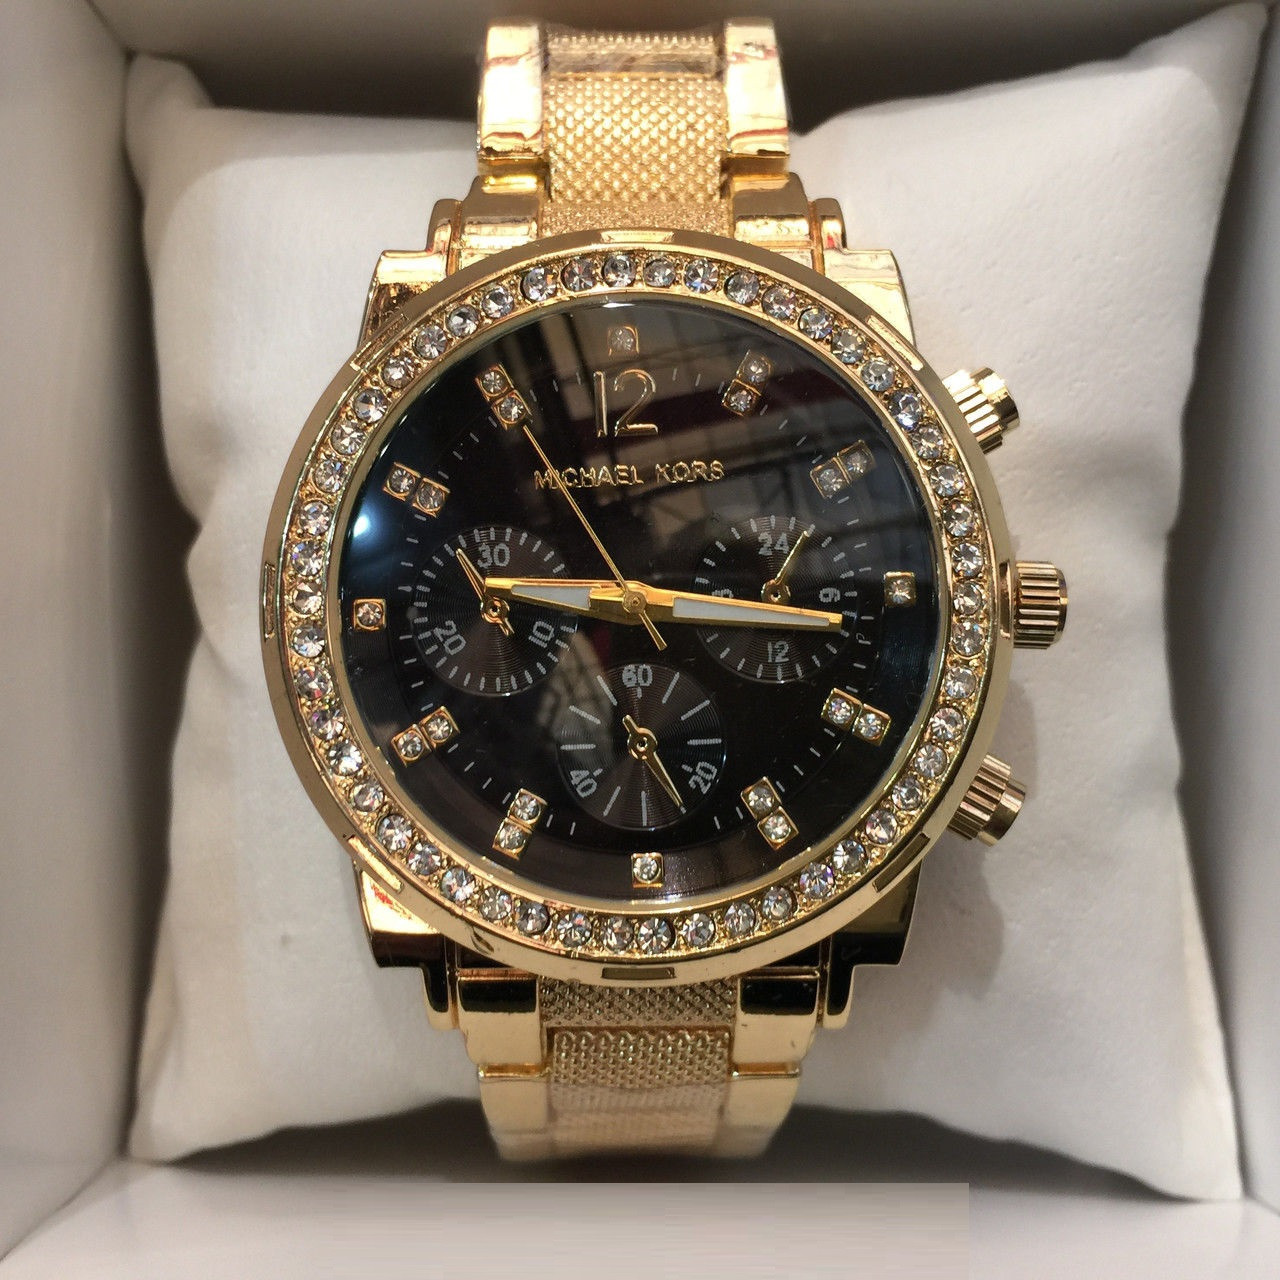 2ced2a735065 ЖЕНСКИЕ ЧАСЫ MICHAEL KORS BLACK GOLD N66,женские наручные часы, мужские, наручные  часы